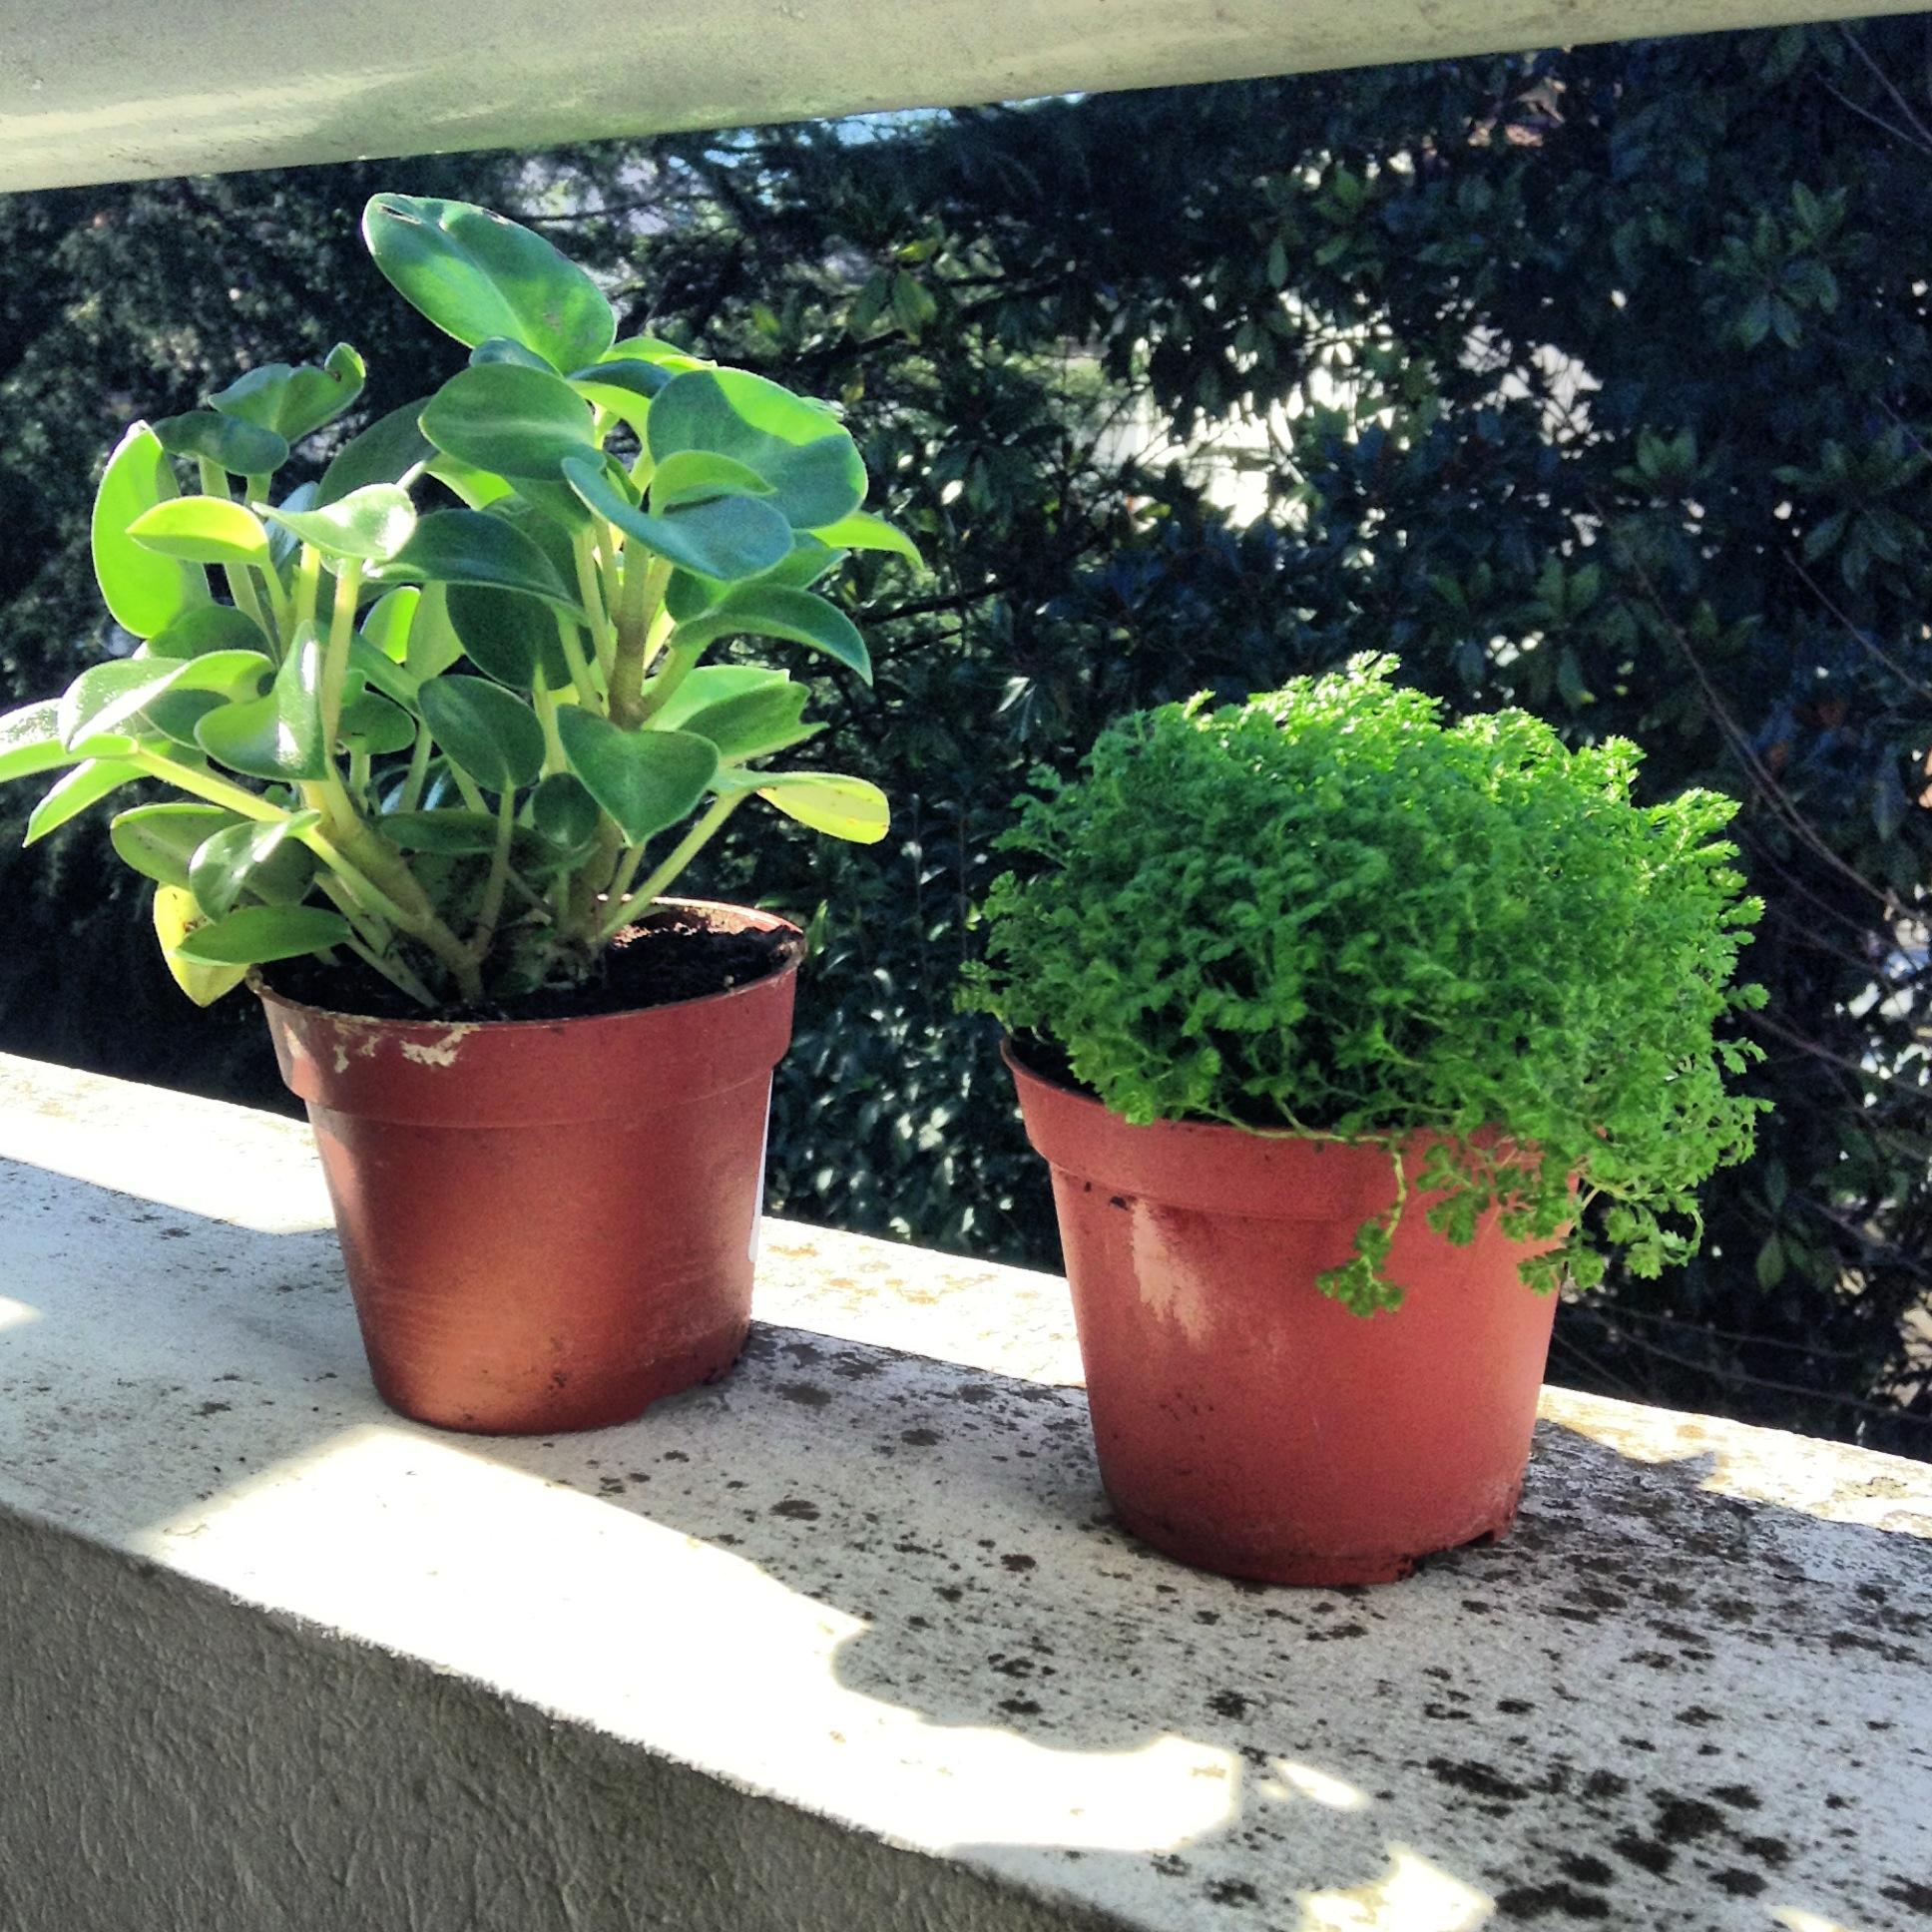 plantes vertes charlie les yeux bleus On recherche sur les plantes vertes